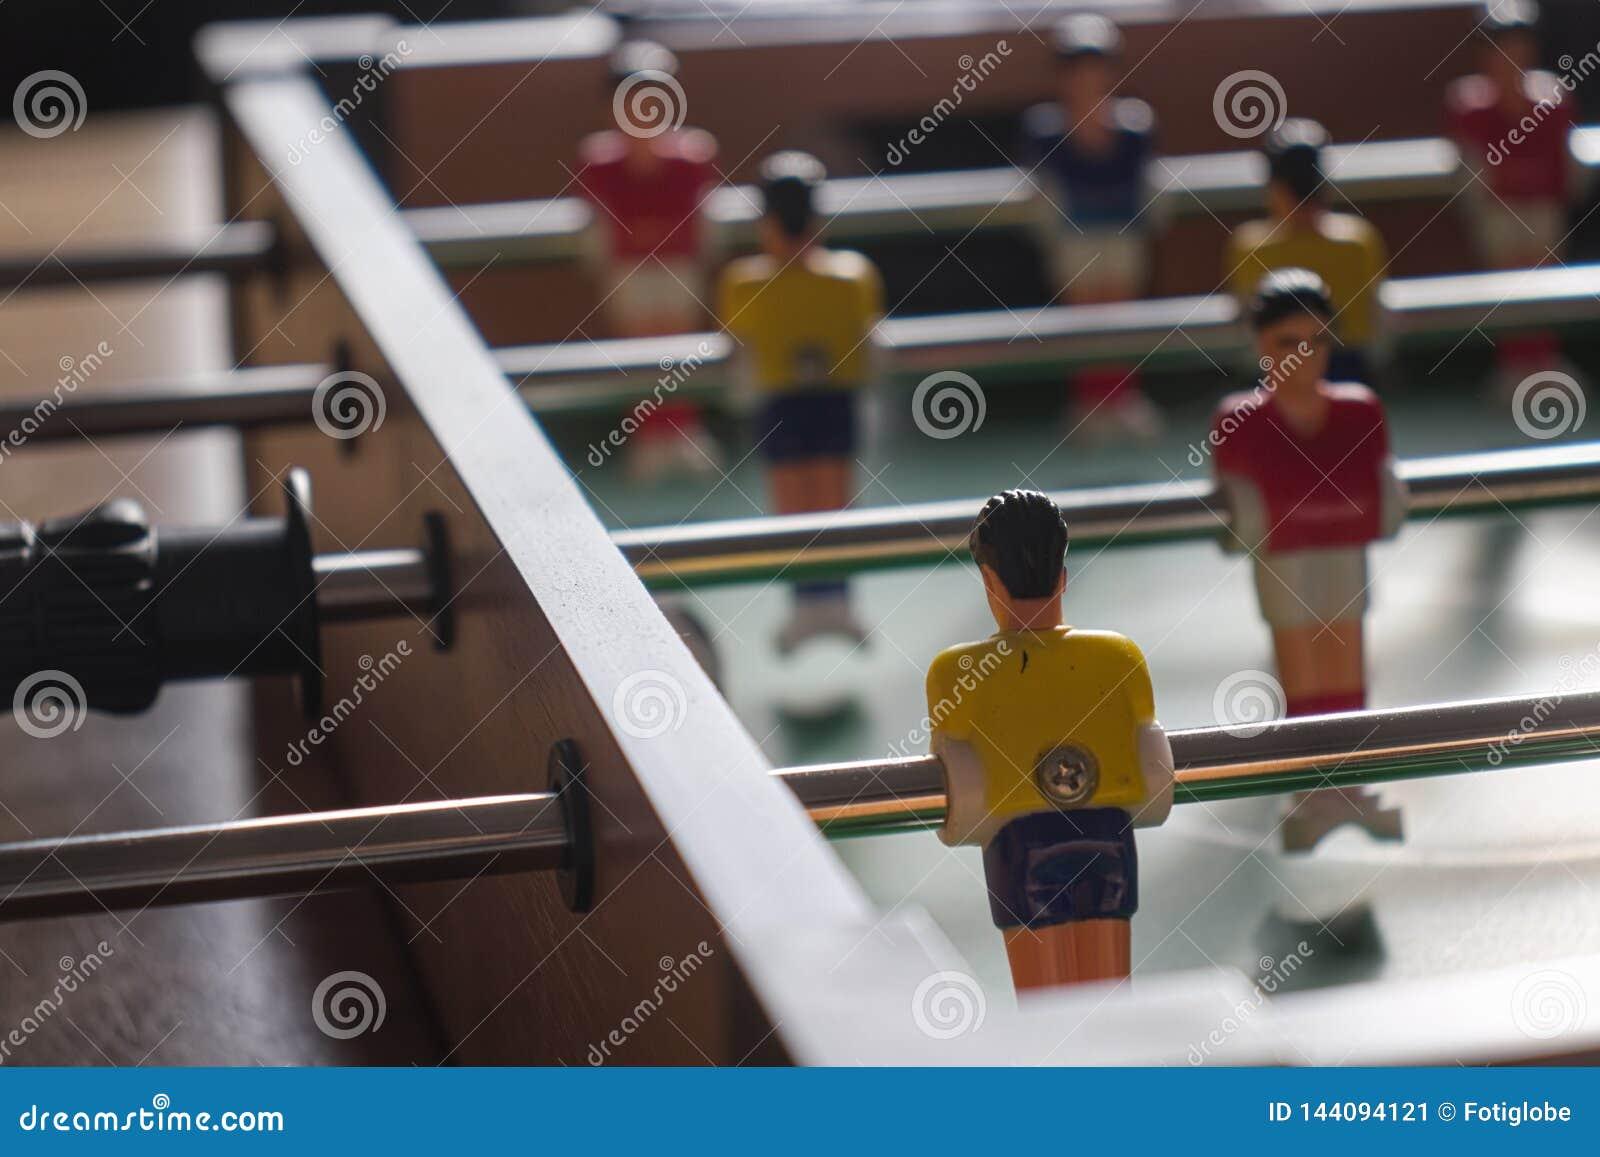 Mecz futbolowy isolate graczów stół dwa